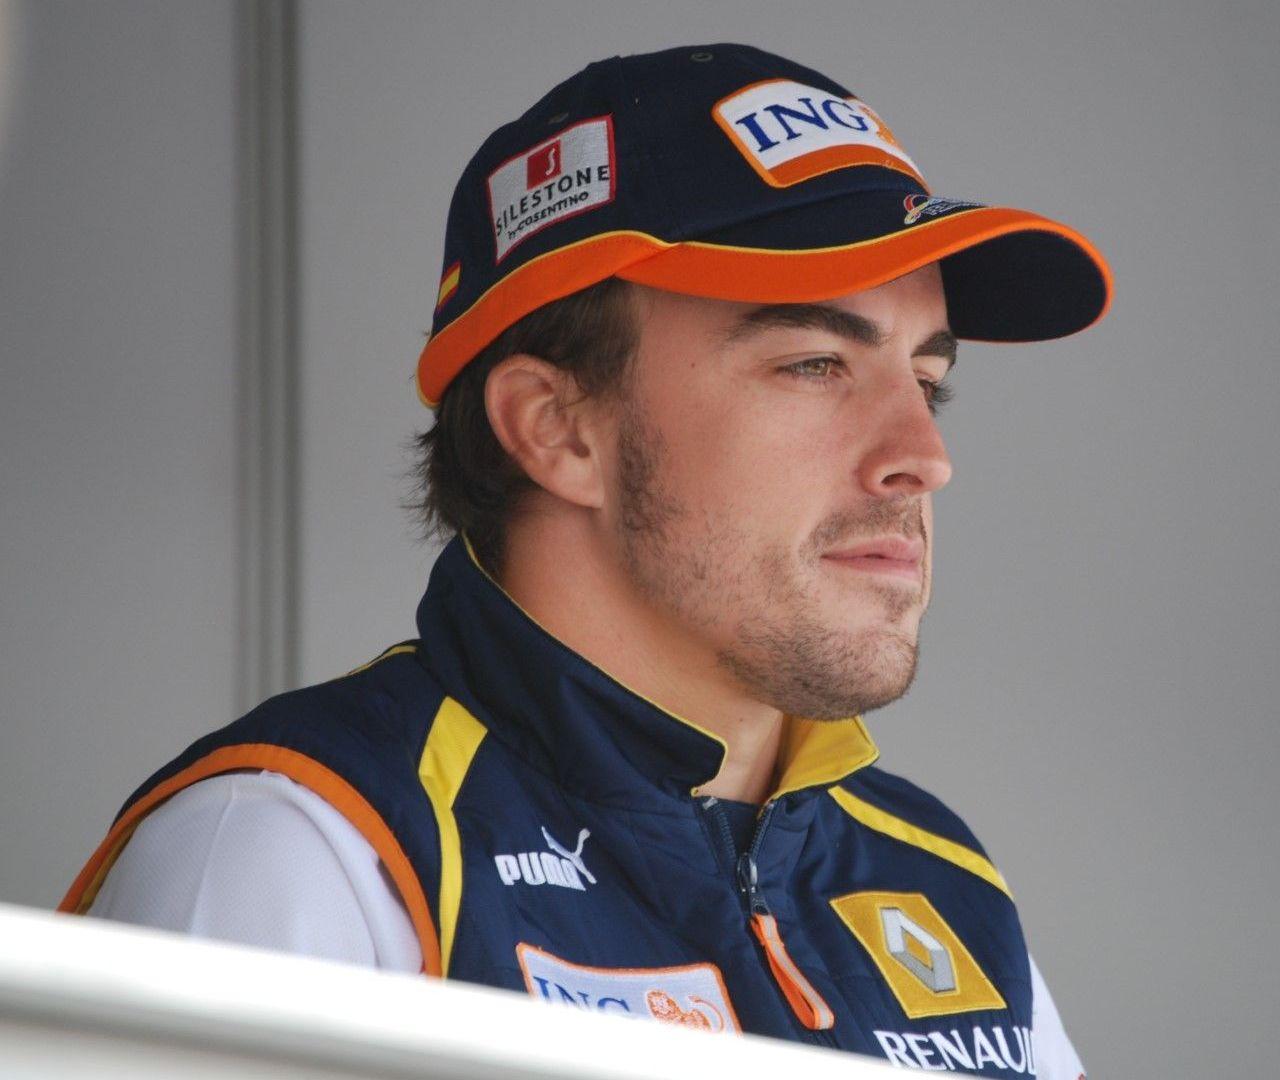 Fernando Alonso sufrió accidente en la Indy 500